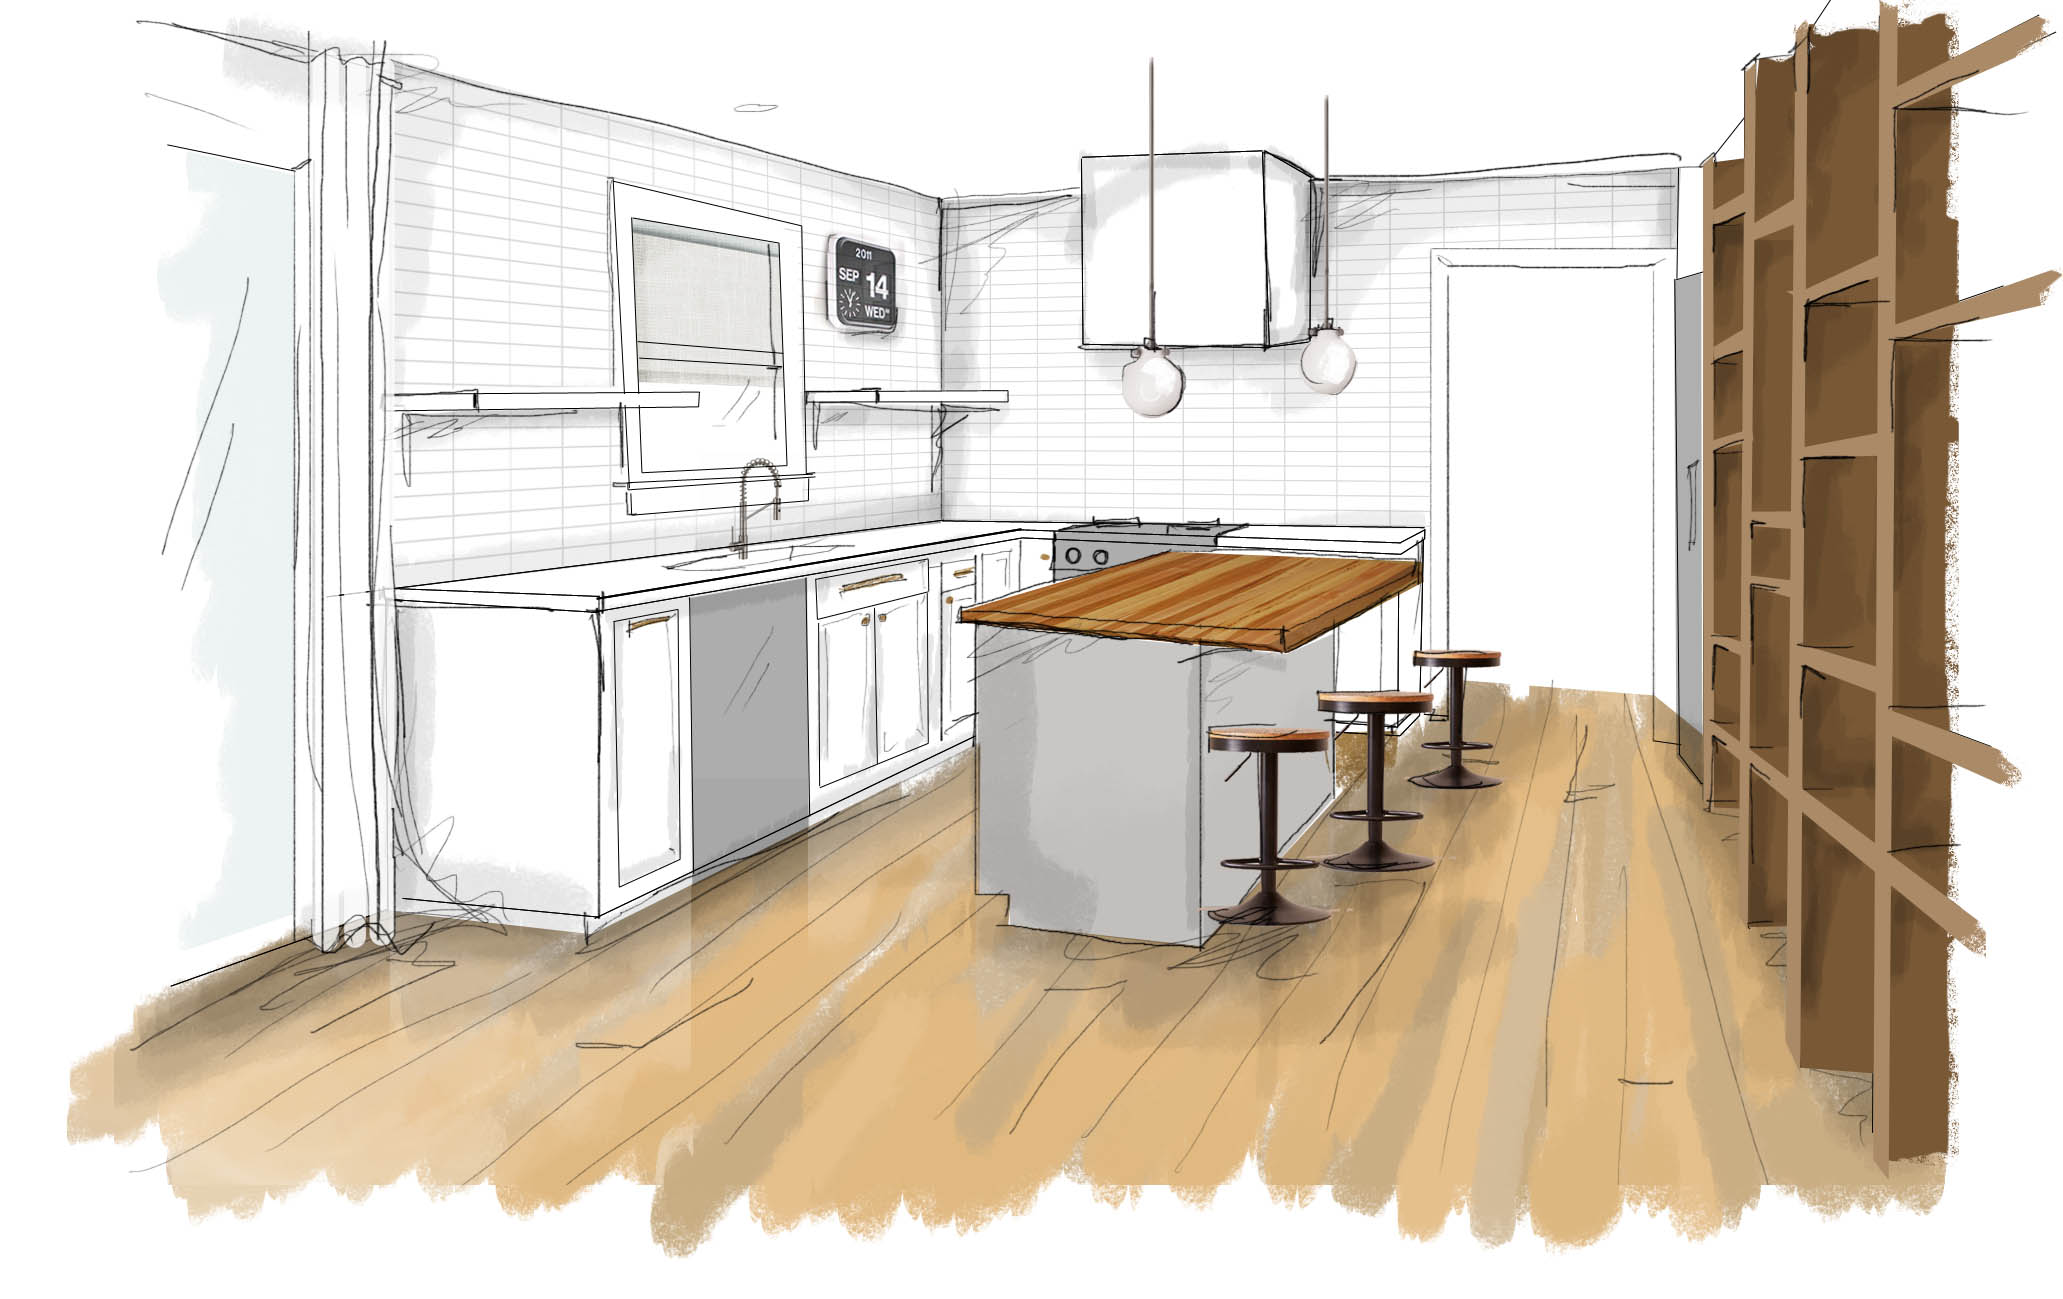 Kitchen Perspective Rendering